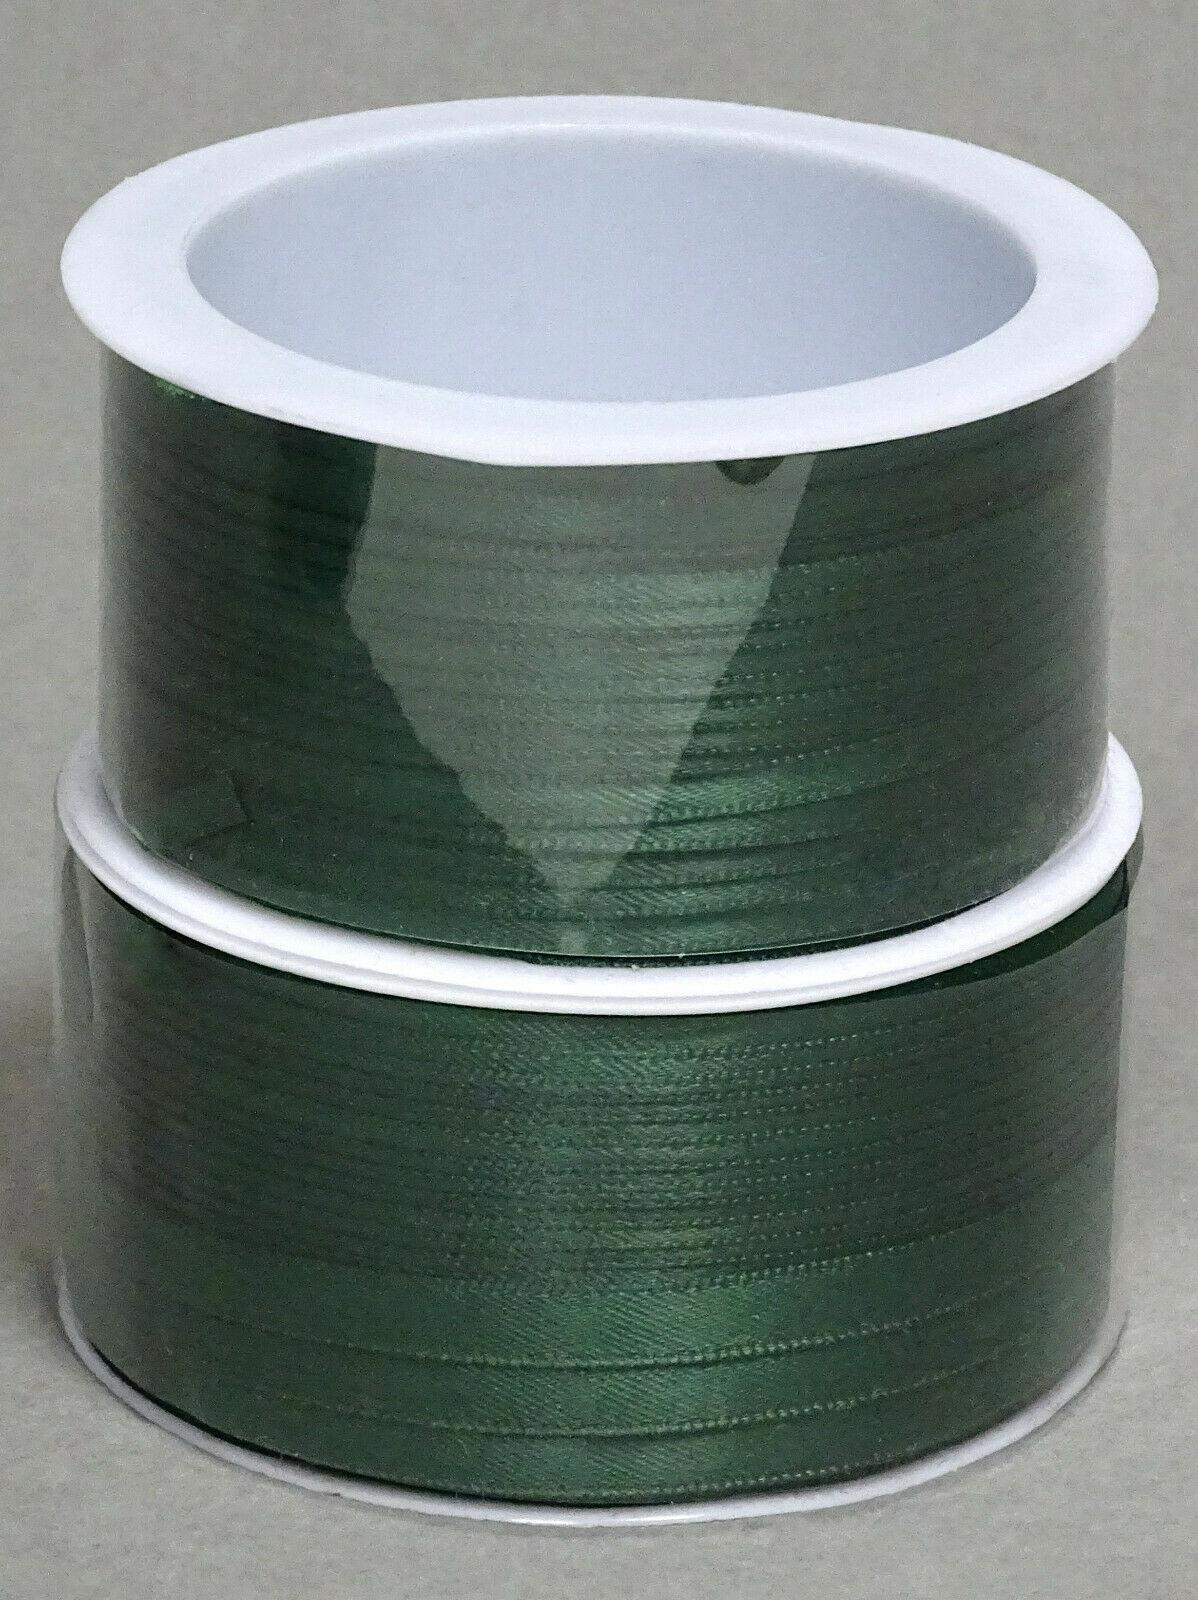 Satinband Schleifenband 50m x 3mm / 6mm Dekoband ab 0,05 €/m Geschenkband Rolle - Dunkelgrün 111, 6 mm x 50 m